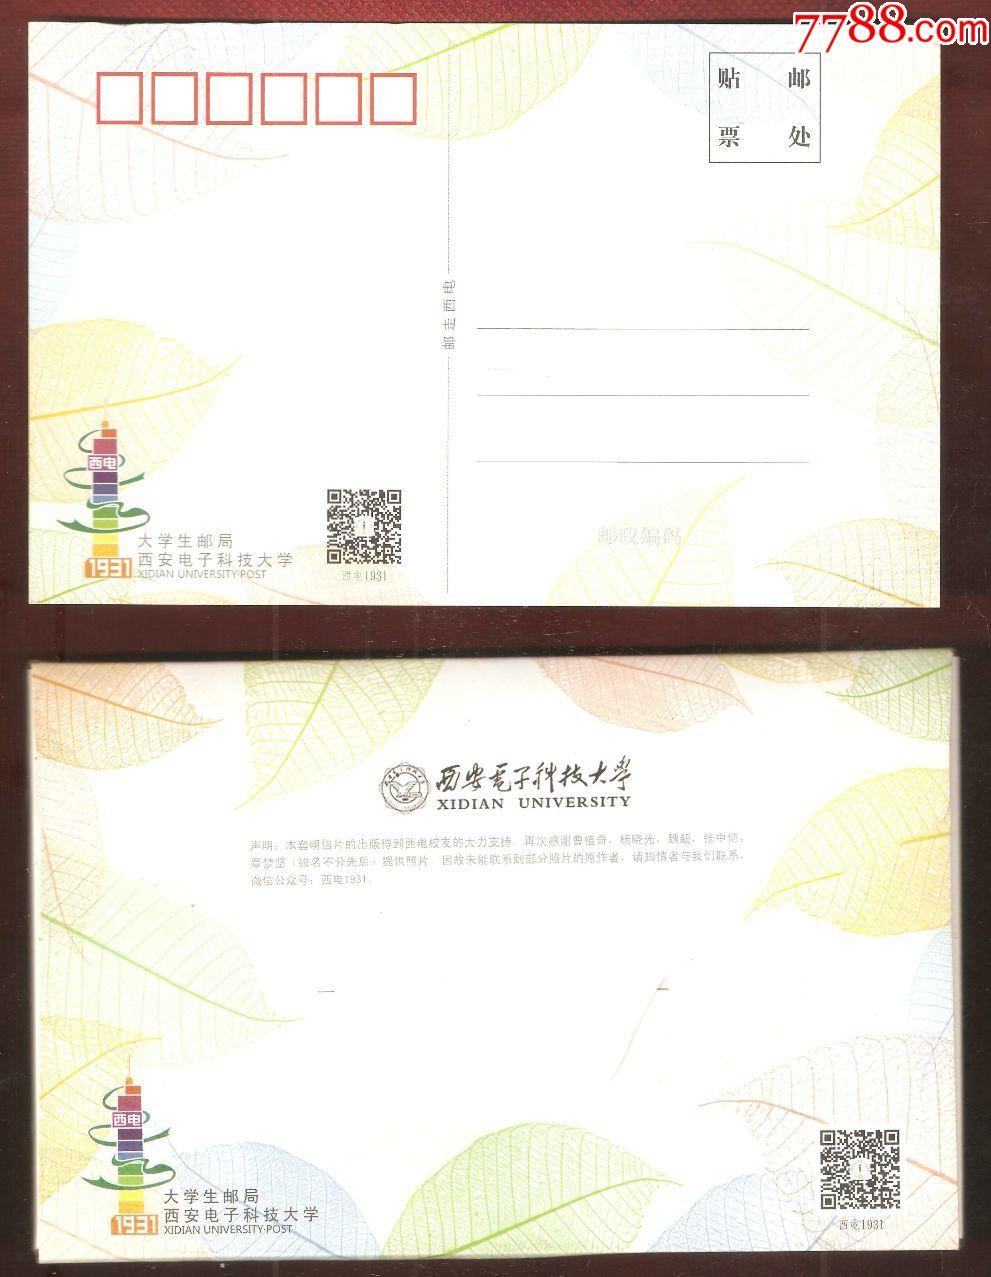 西安电子科技大学明信片一套12张带封套